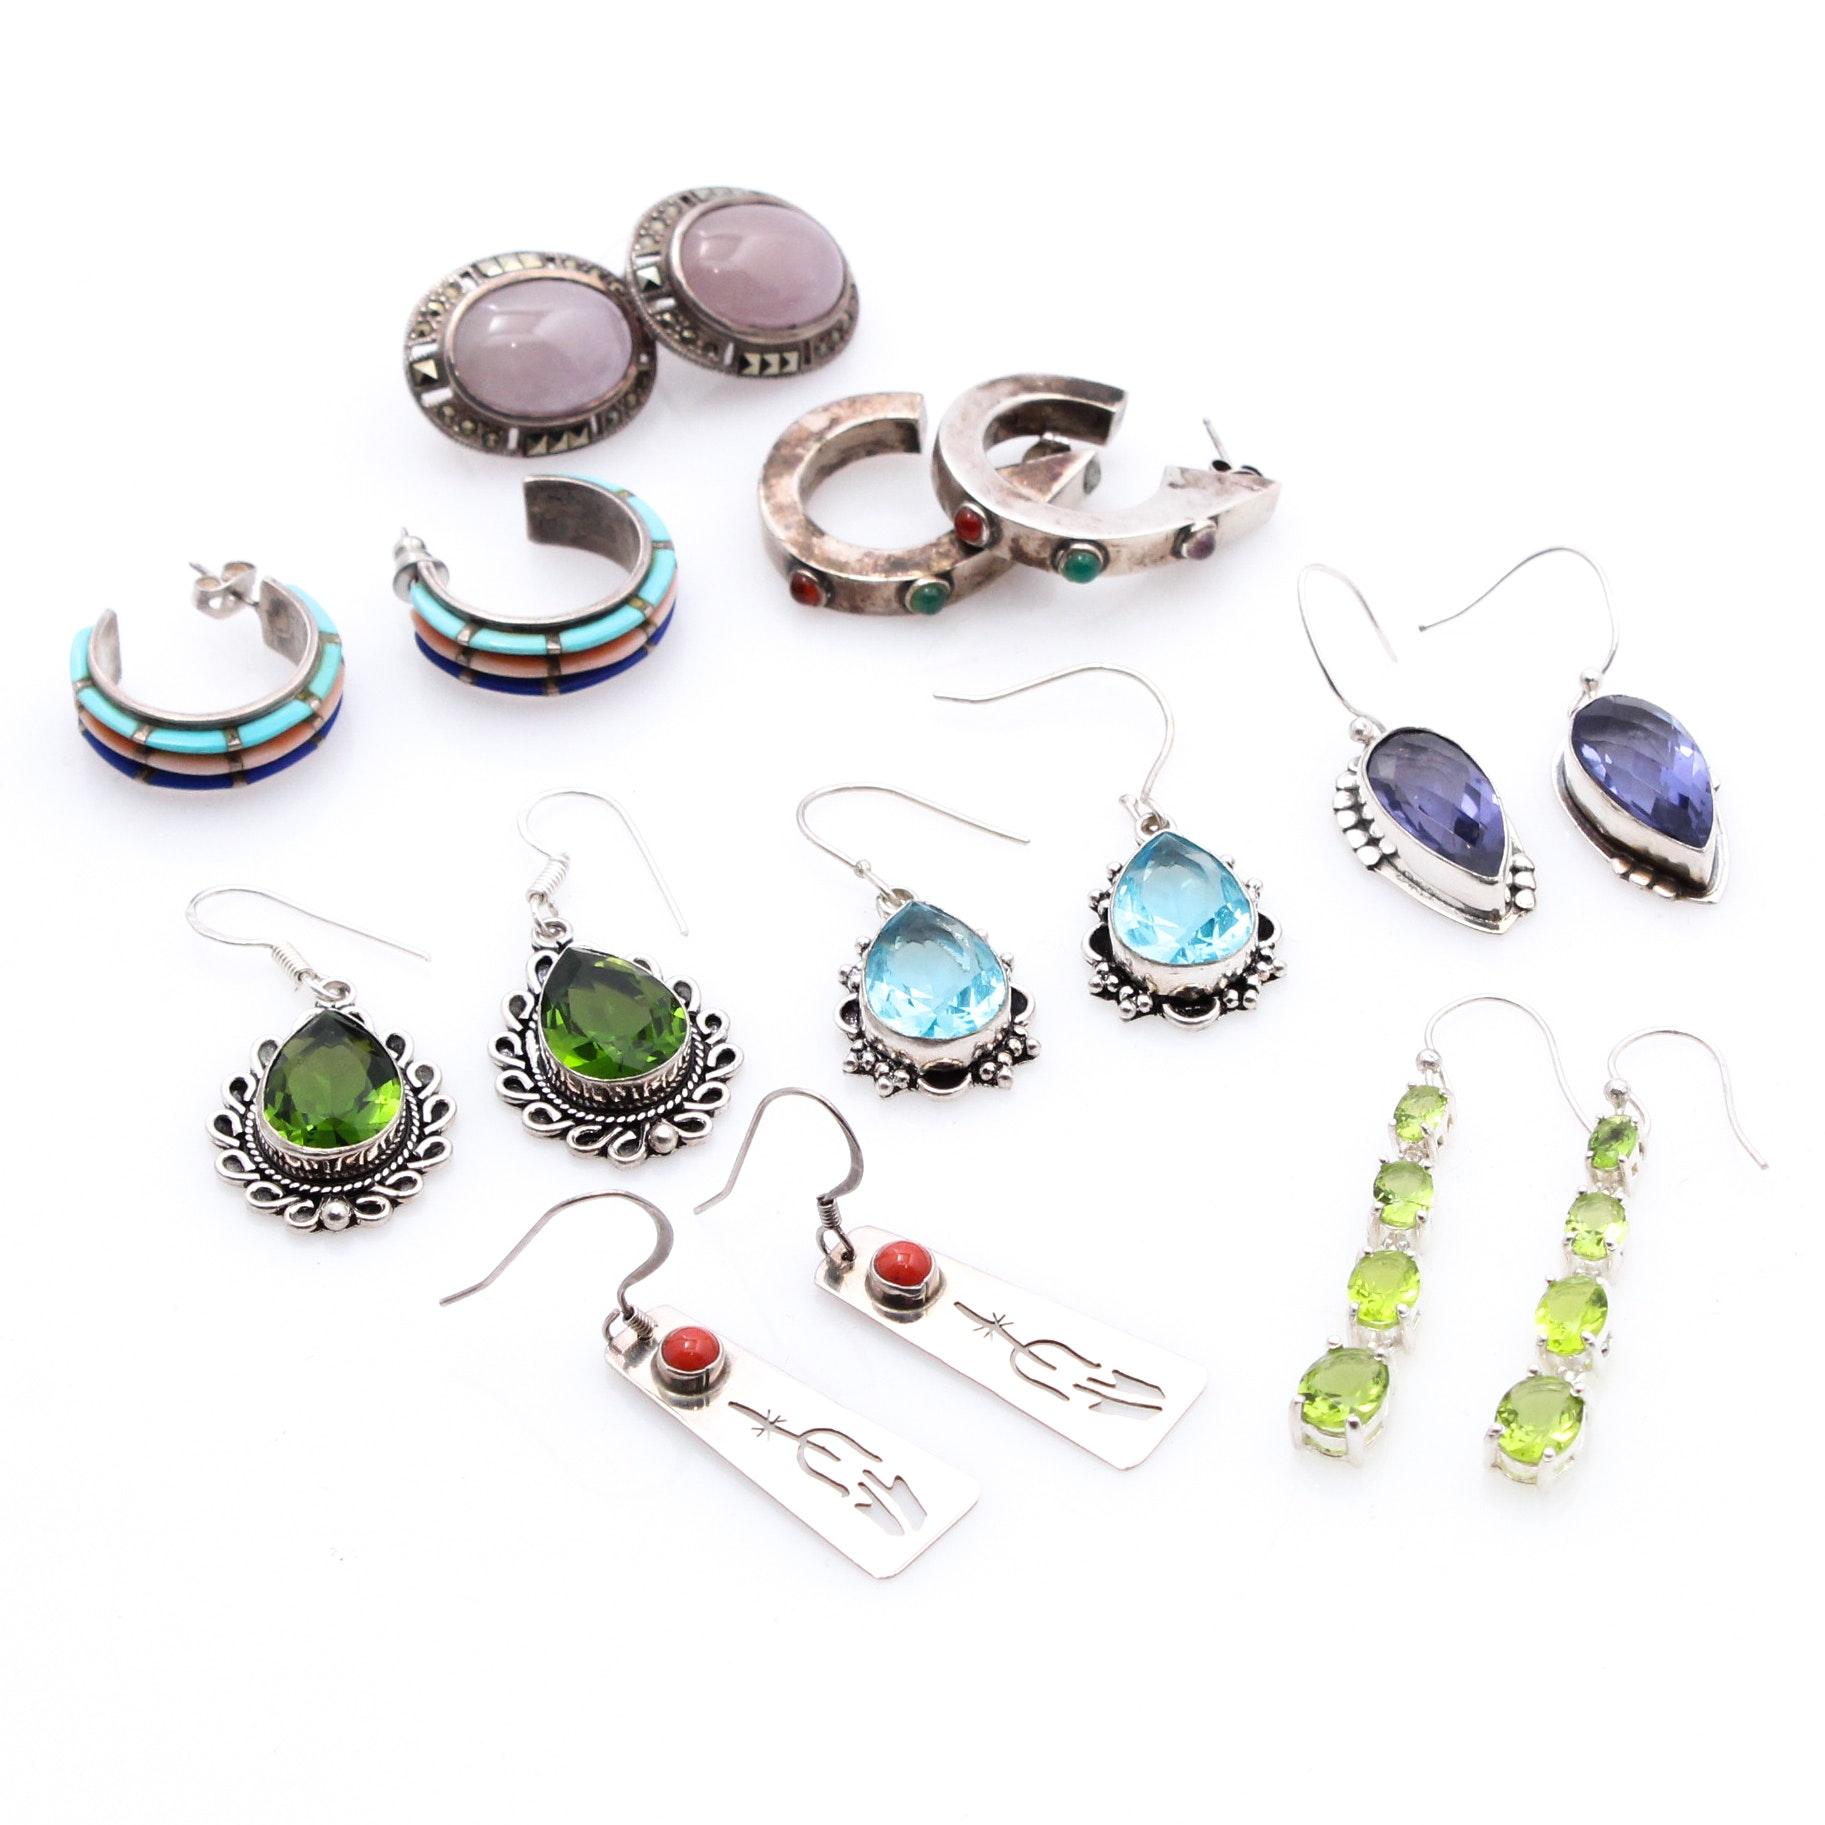 Southwestern Style Sterling Silver Earrings